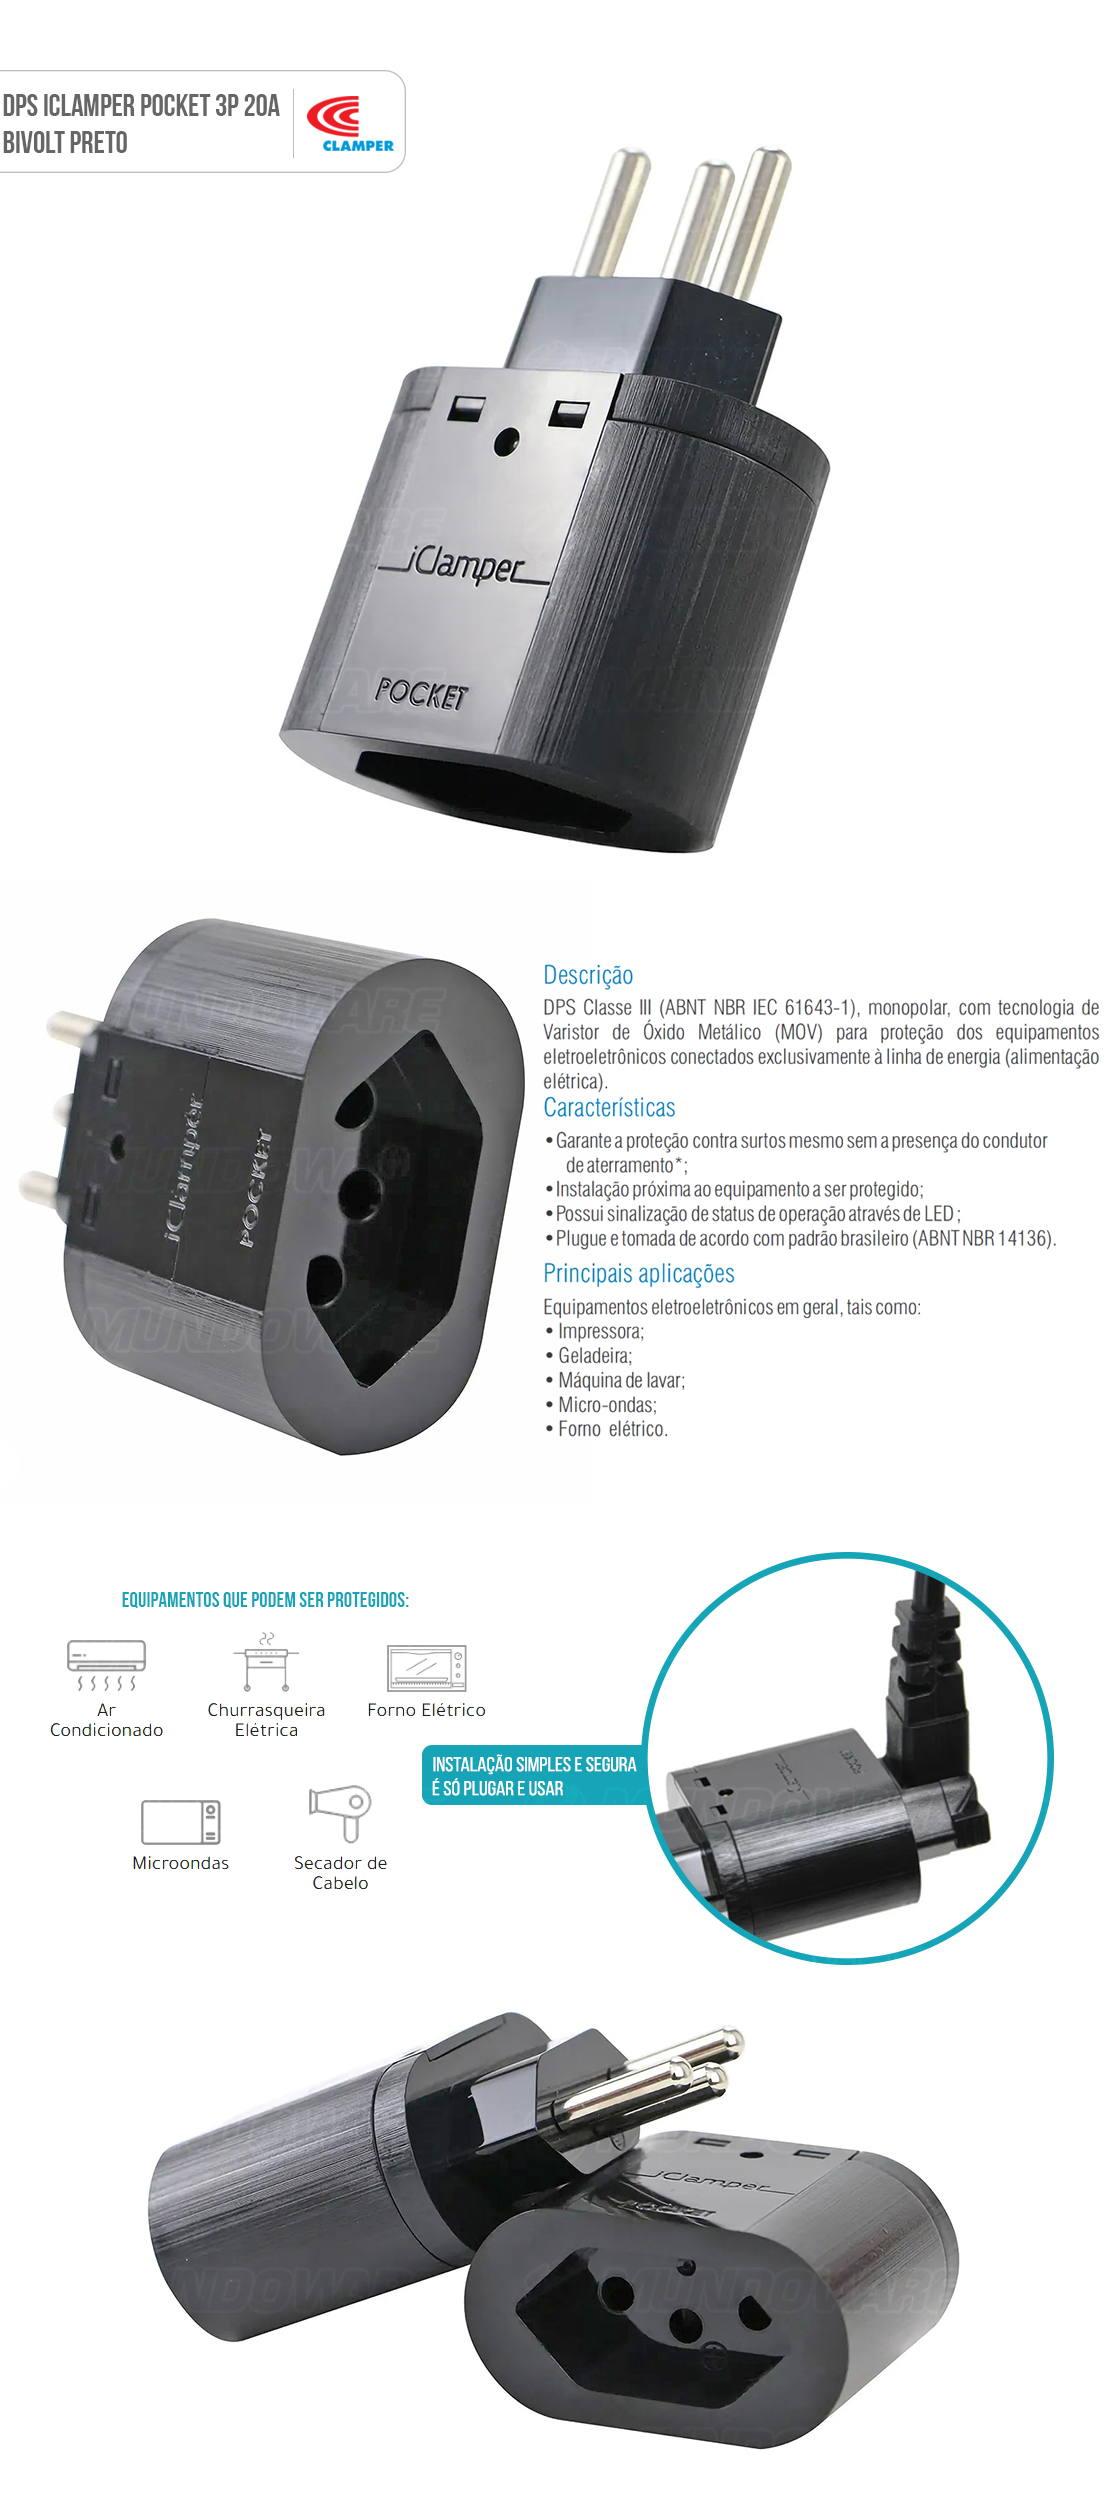 iClamper Pocket 3P 20A DPS Clamper Preto Proteção Total Contra Raios e Surtos Elétricos para seus Eletroeletrônicos